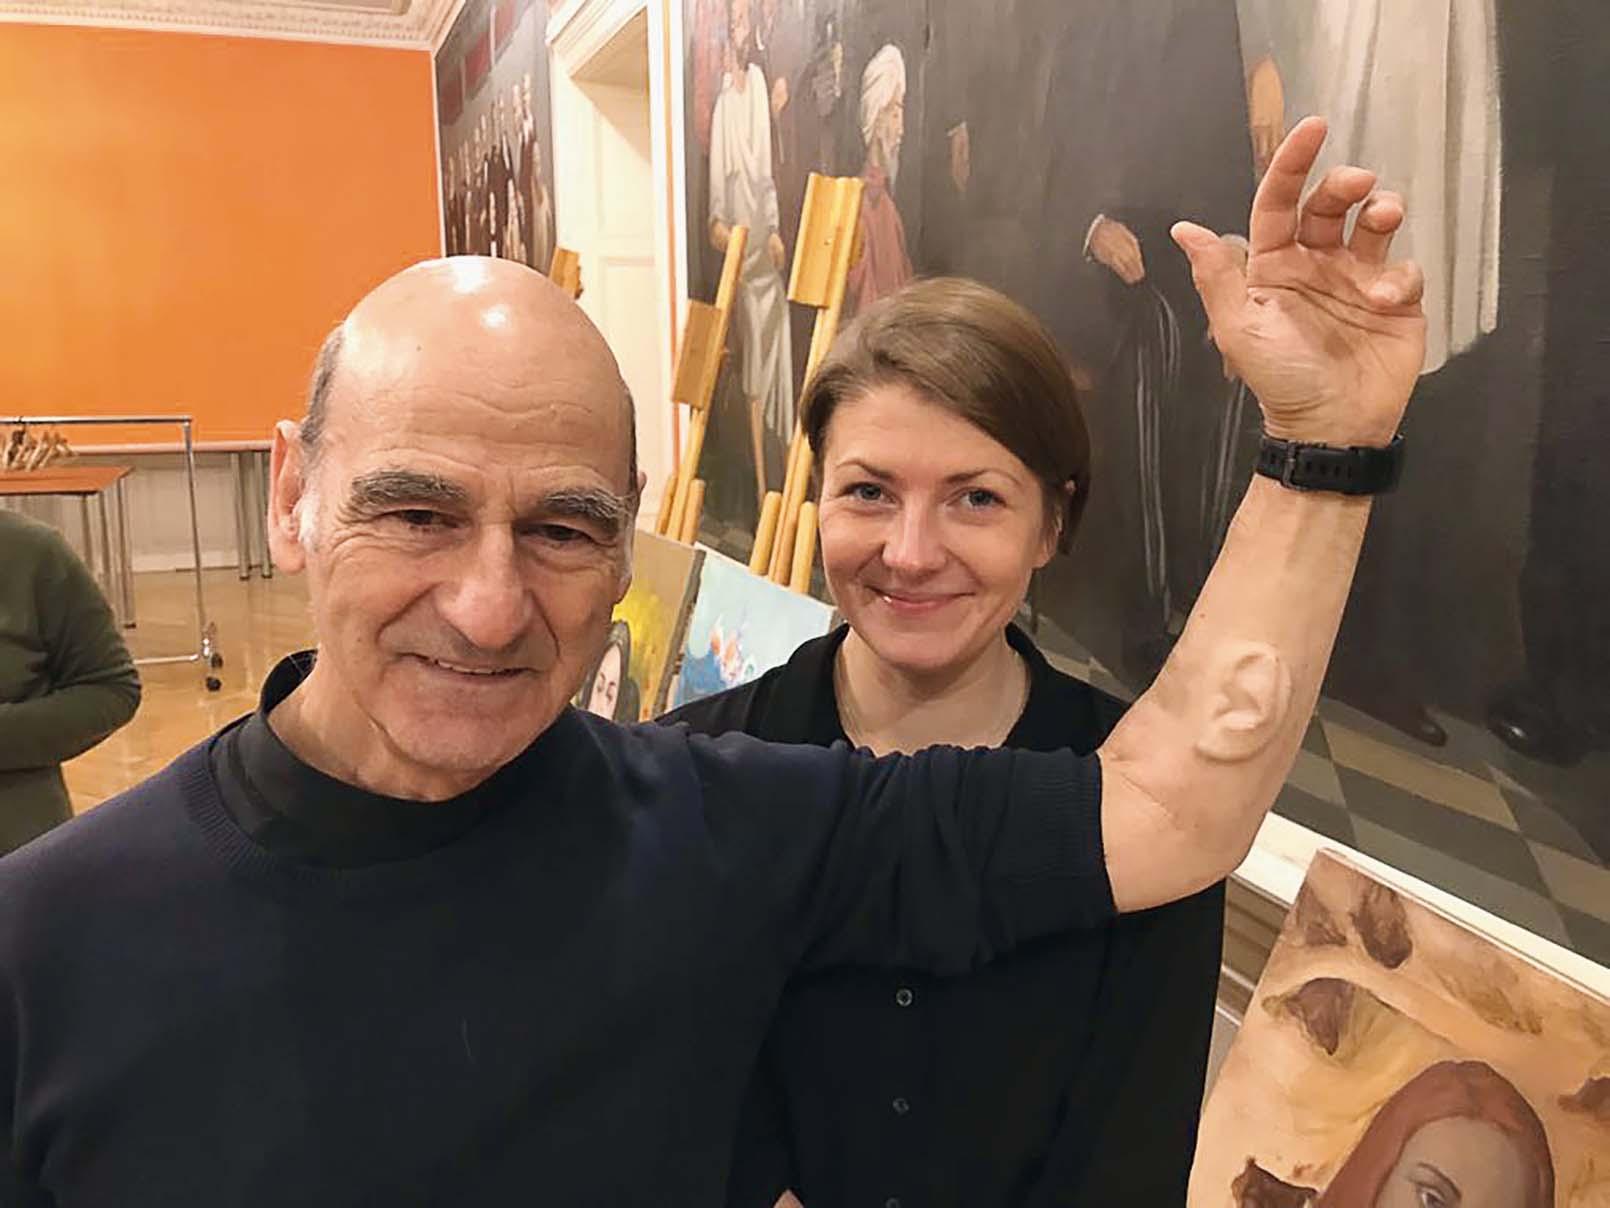 Strādājot muzejā, ir iespēja satikt visinteresantākos cilvēkus! Ieva 2017. gadā ar austrāliešu mākslinieku Stelarc, kurš īpaši atpazīstams ar trešo ausi, kas implantēta uz viņa apakšdelma.  Viņa darbi fokusējas uz cilvēka ķermeņa iespēju paplašināšanu, izmantojot modernās tehnoloģijas